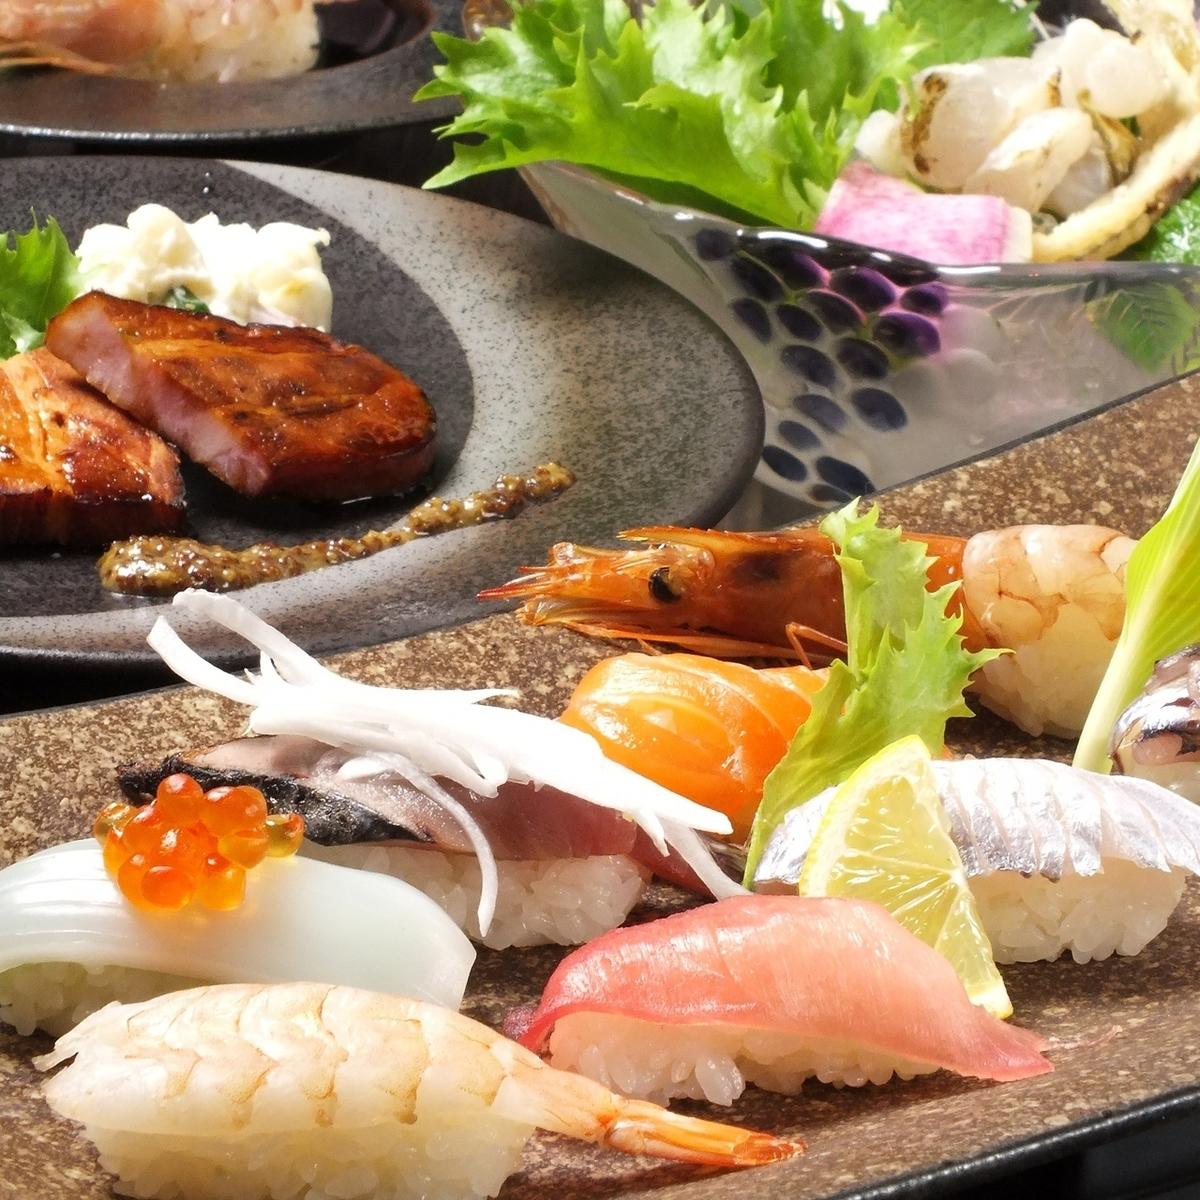 你可以吃少量新鲜的鱼